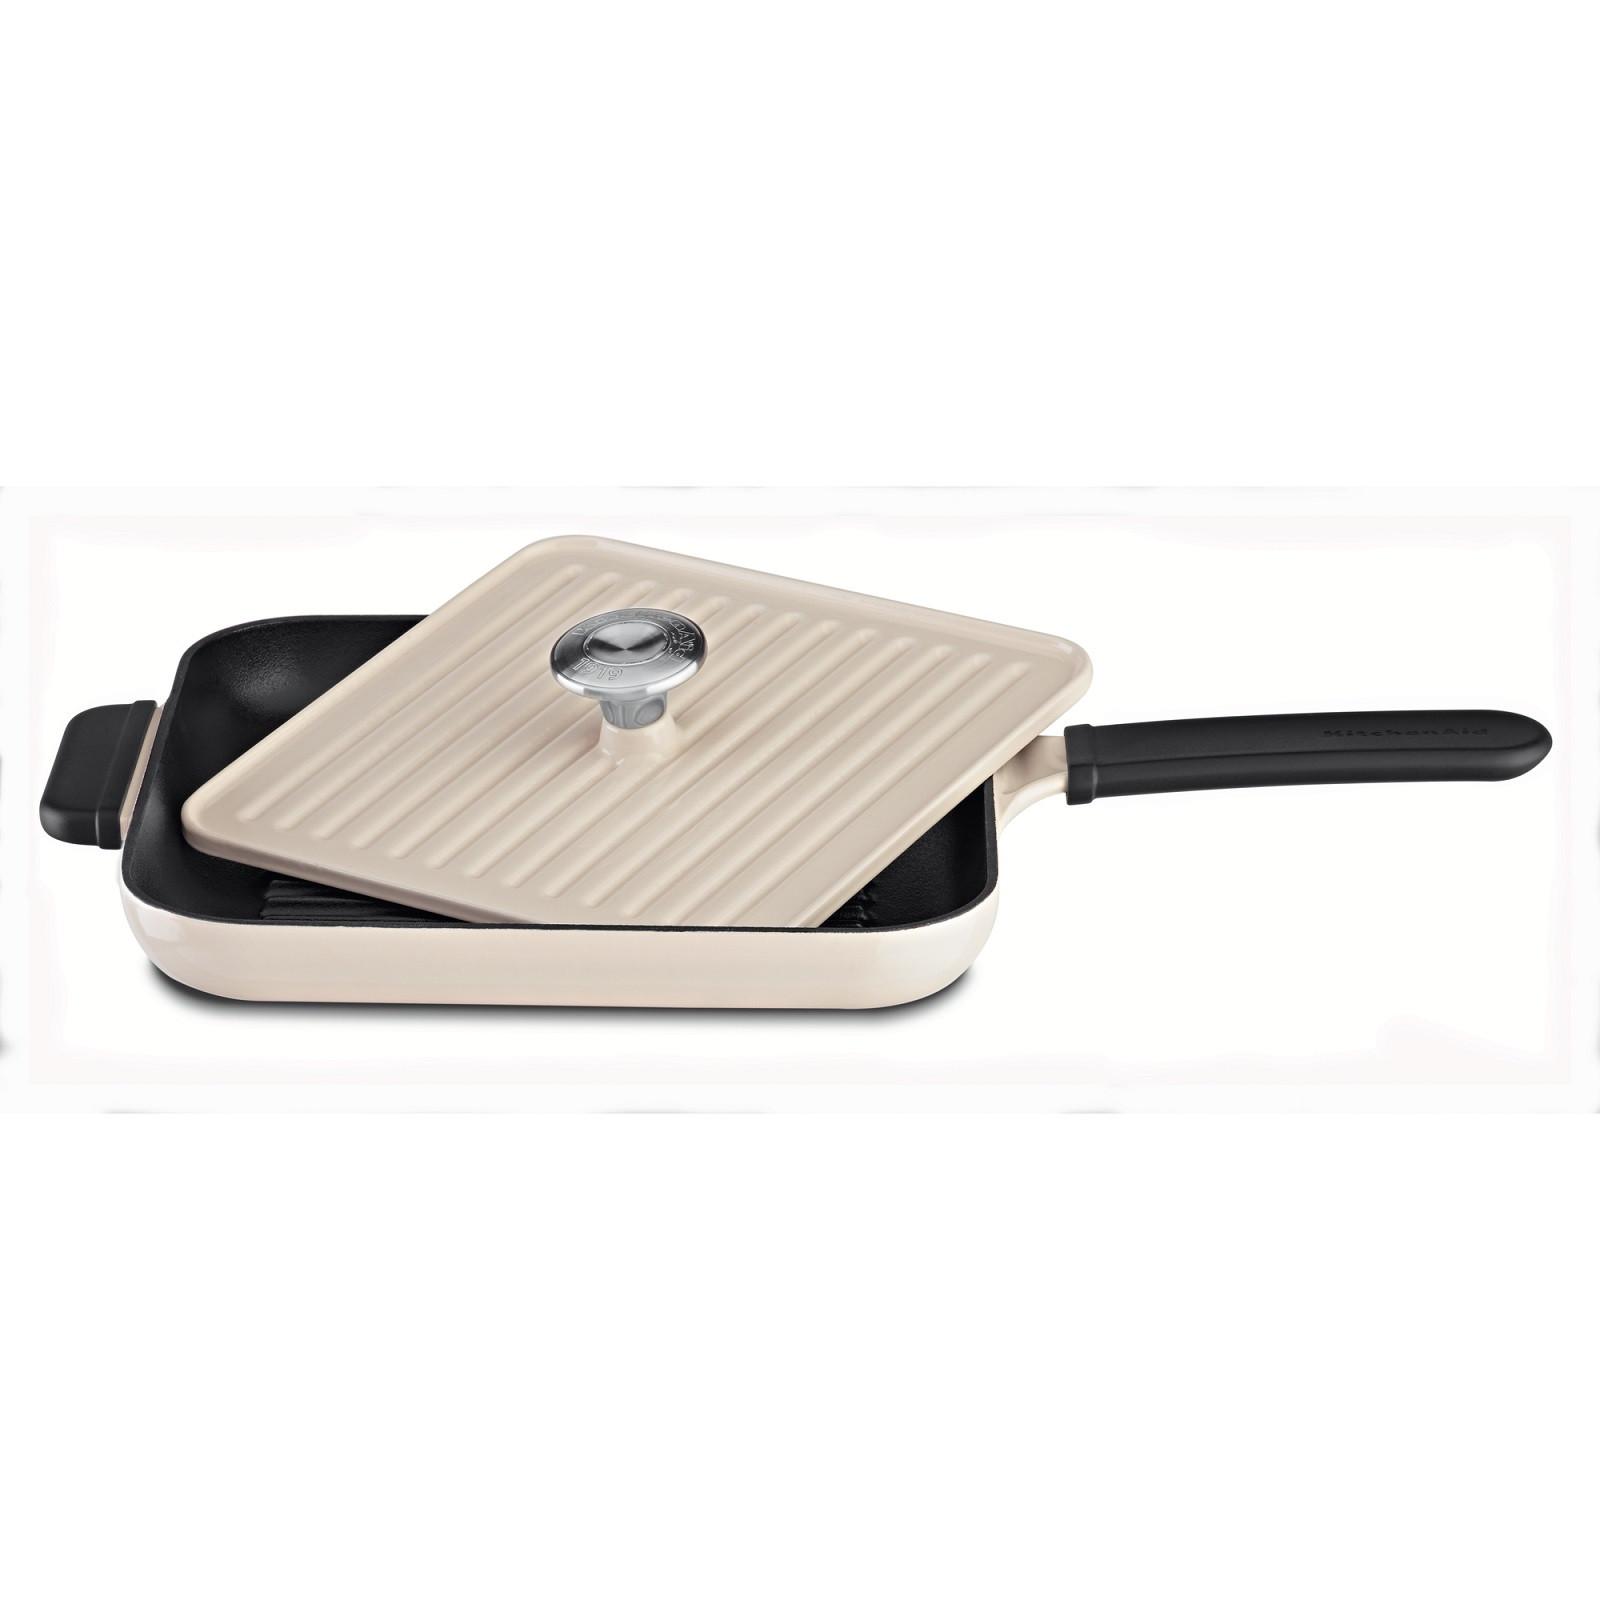 KitchenAid Grillpfanne mit Presse creme